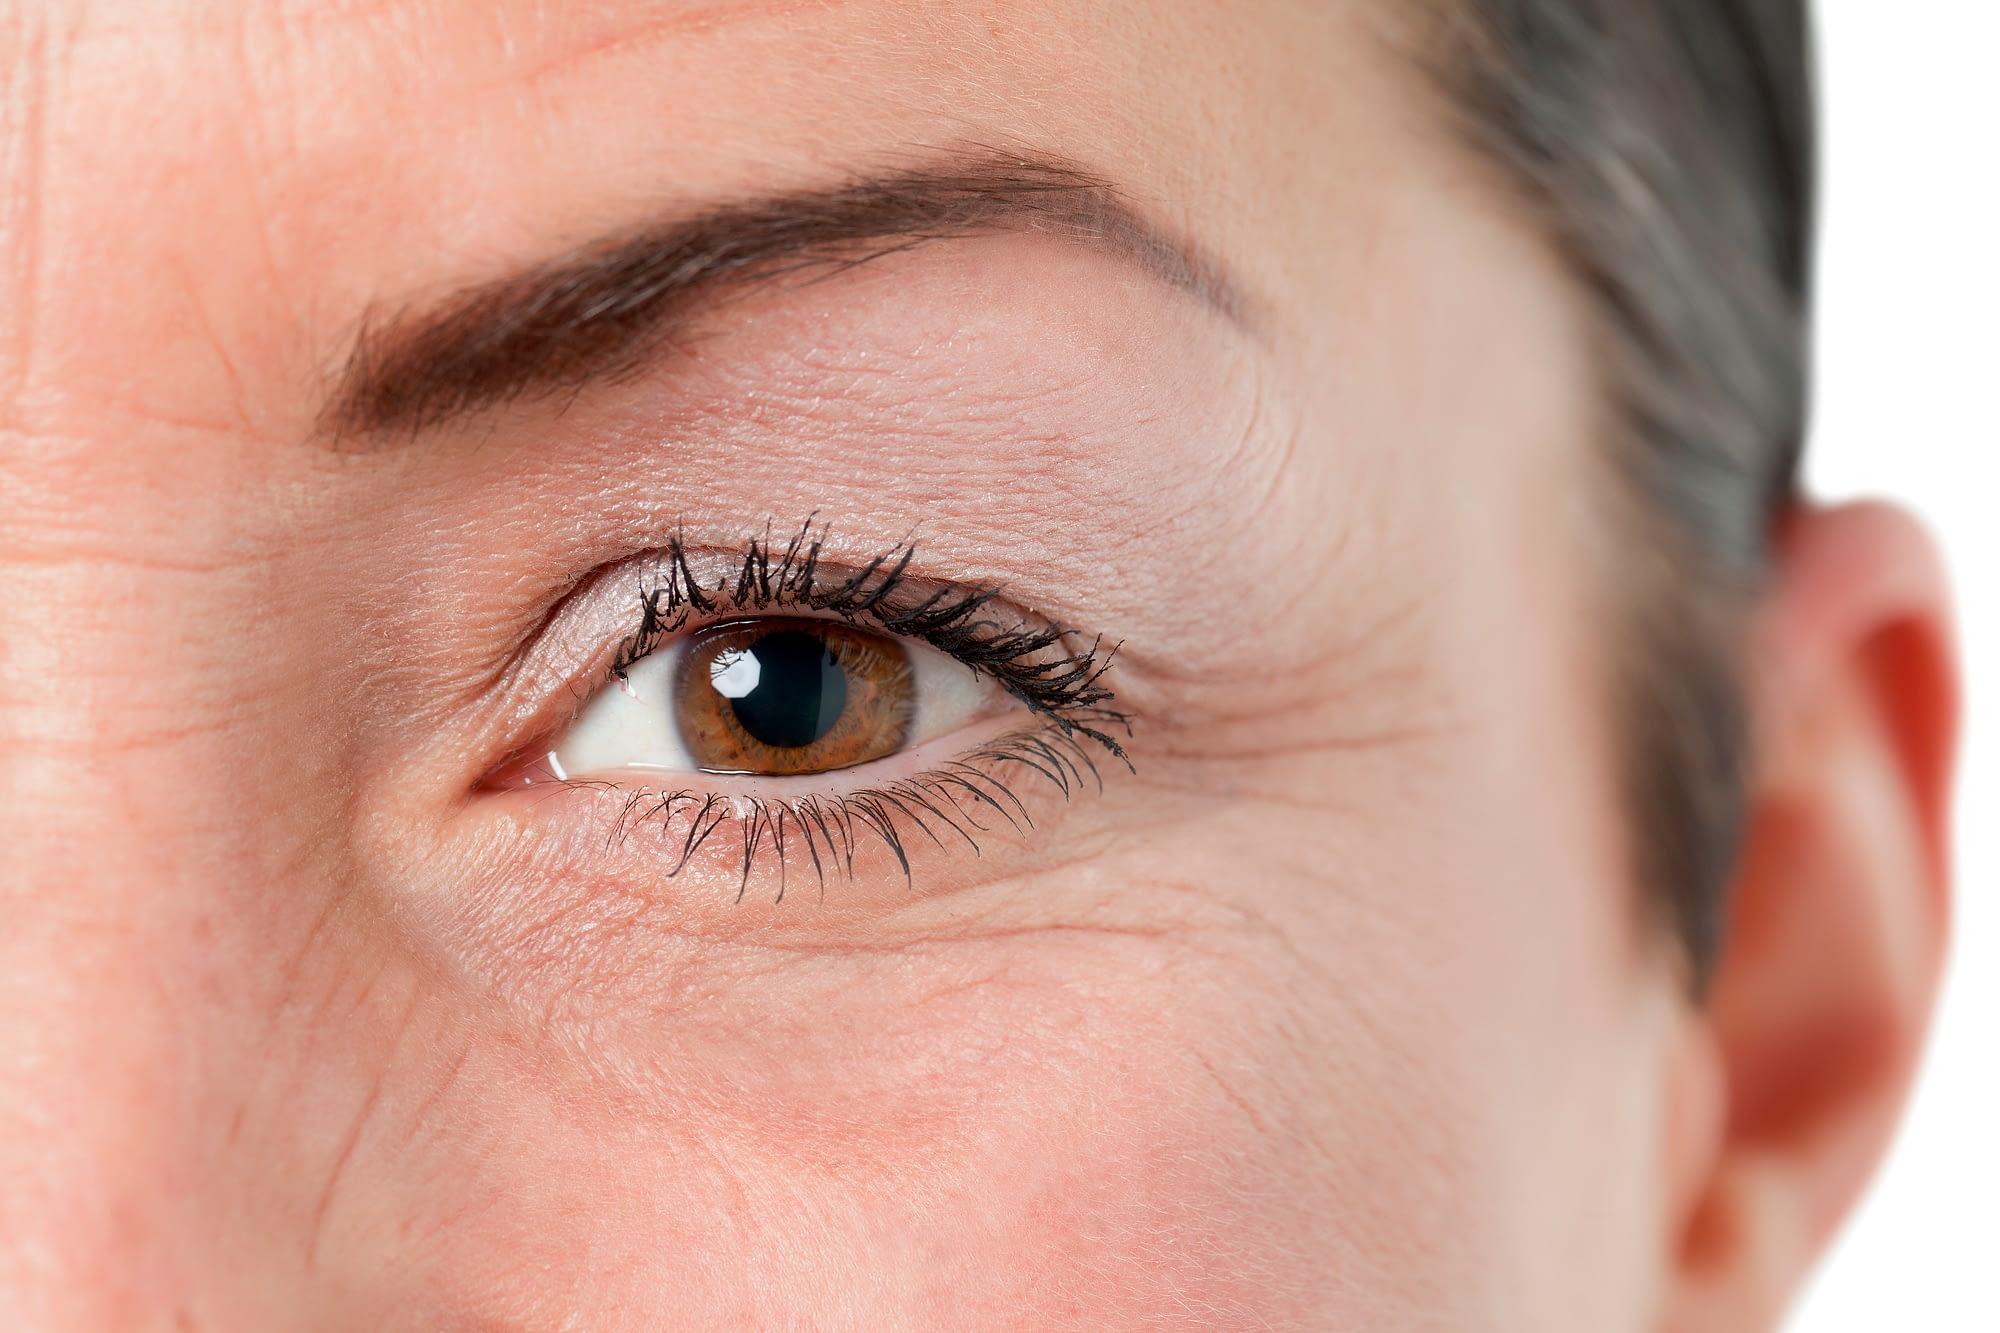 blepharoplasty eyelid surgery nj